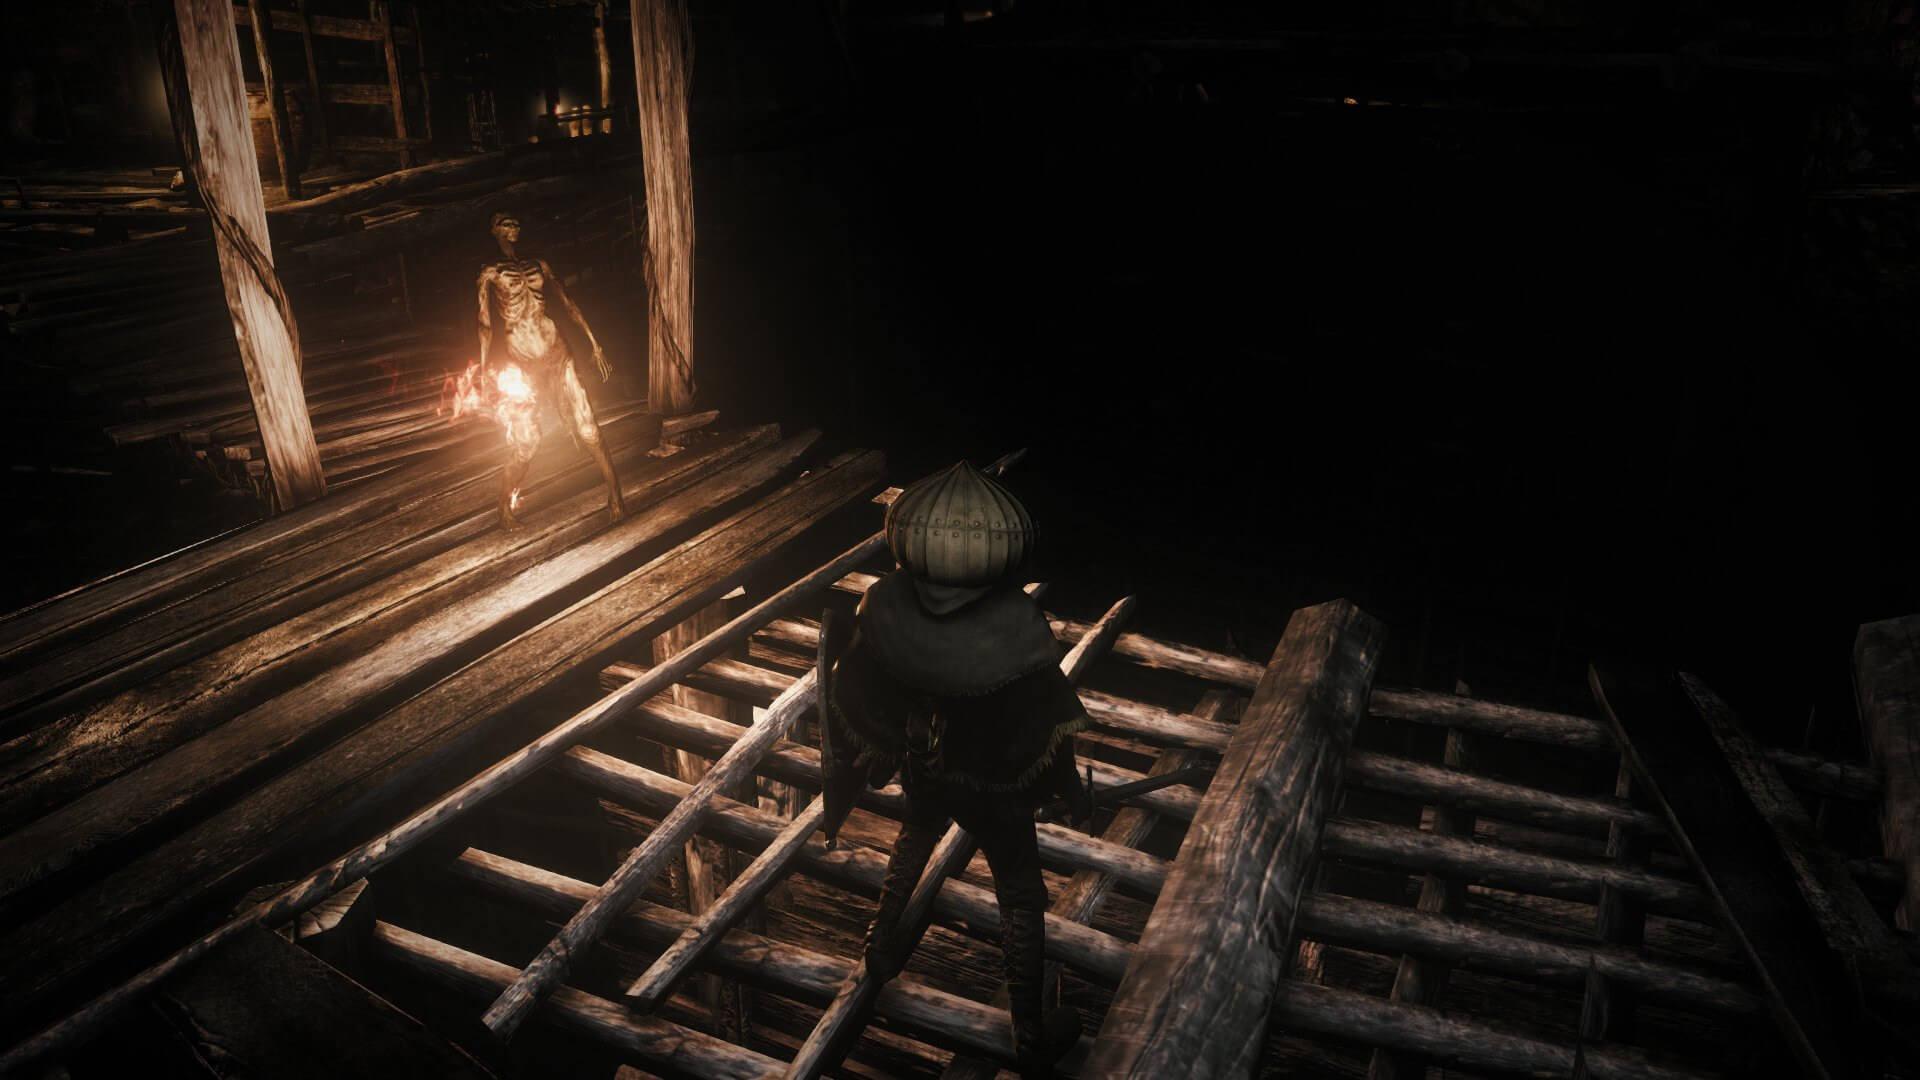 Шикарное освещение в Dark Souls 2 на новых скриншотах от моддера Stayd